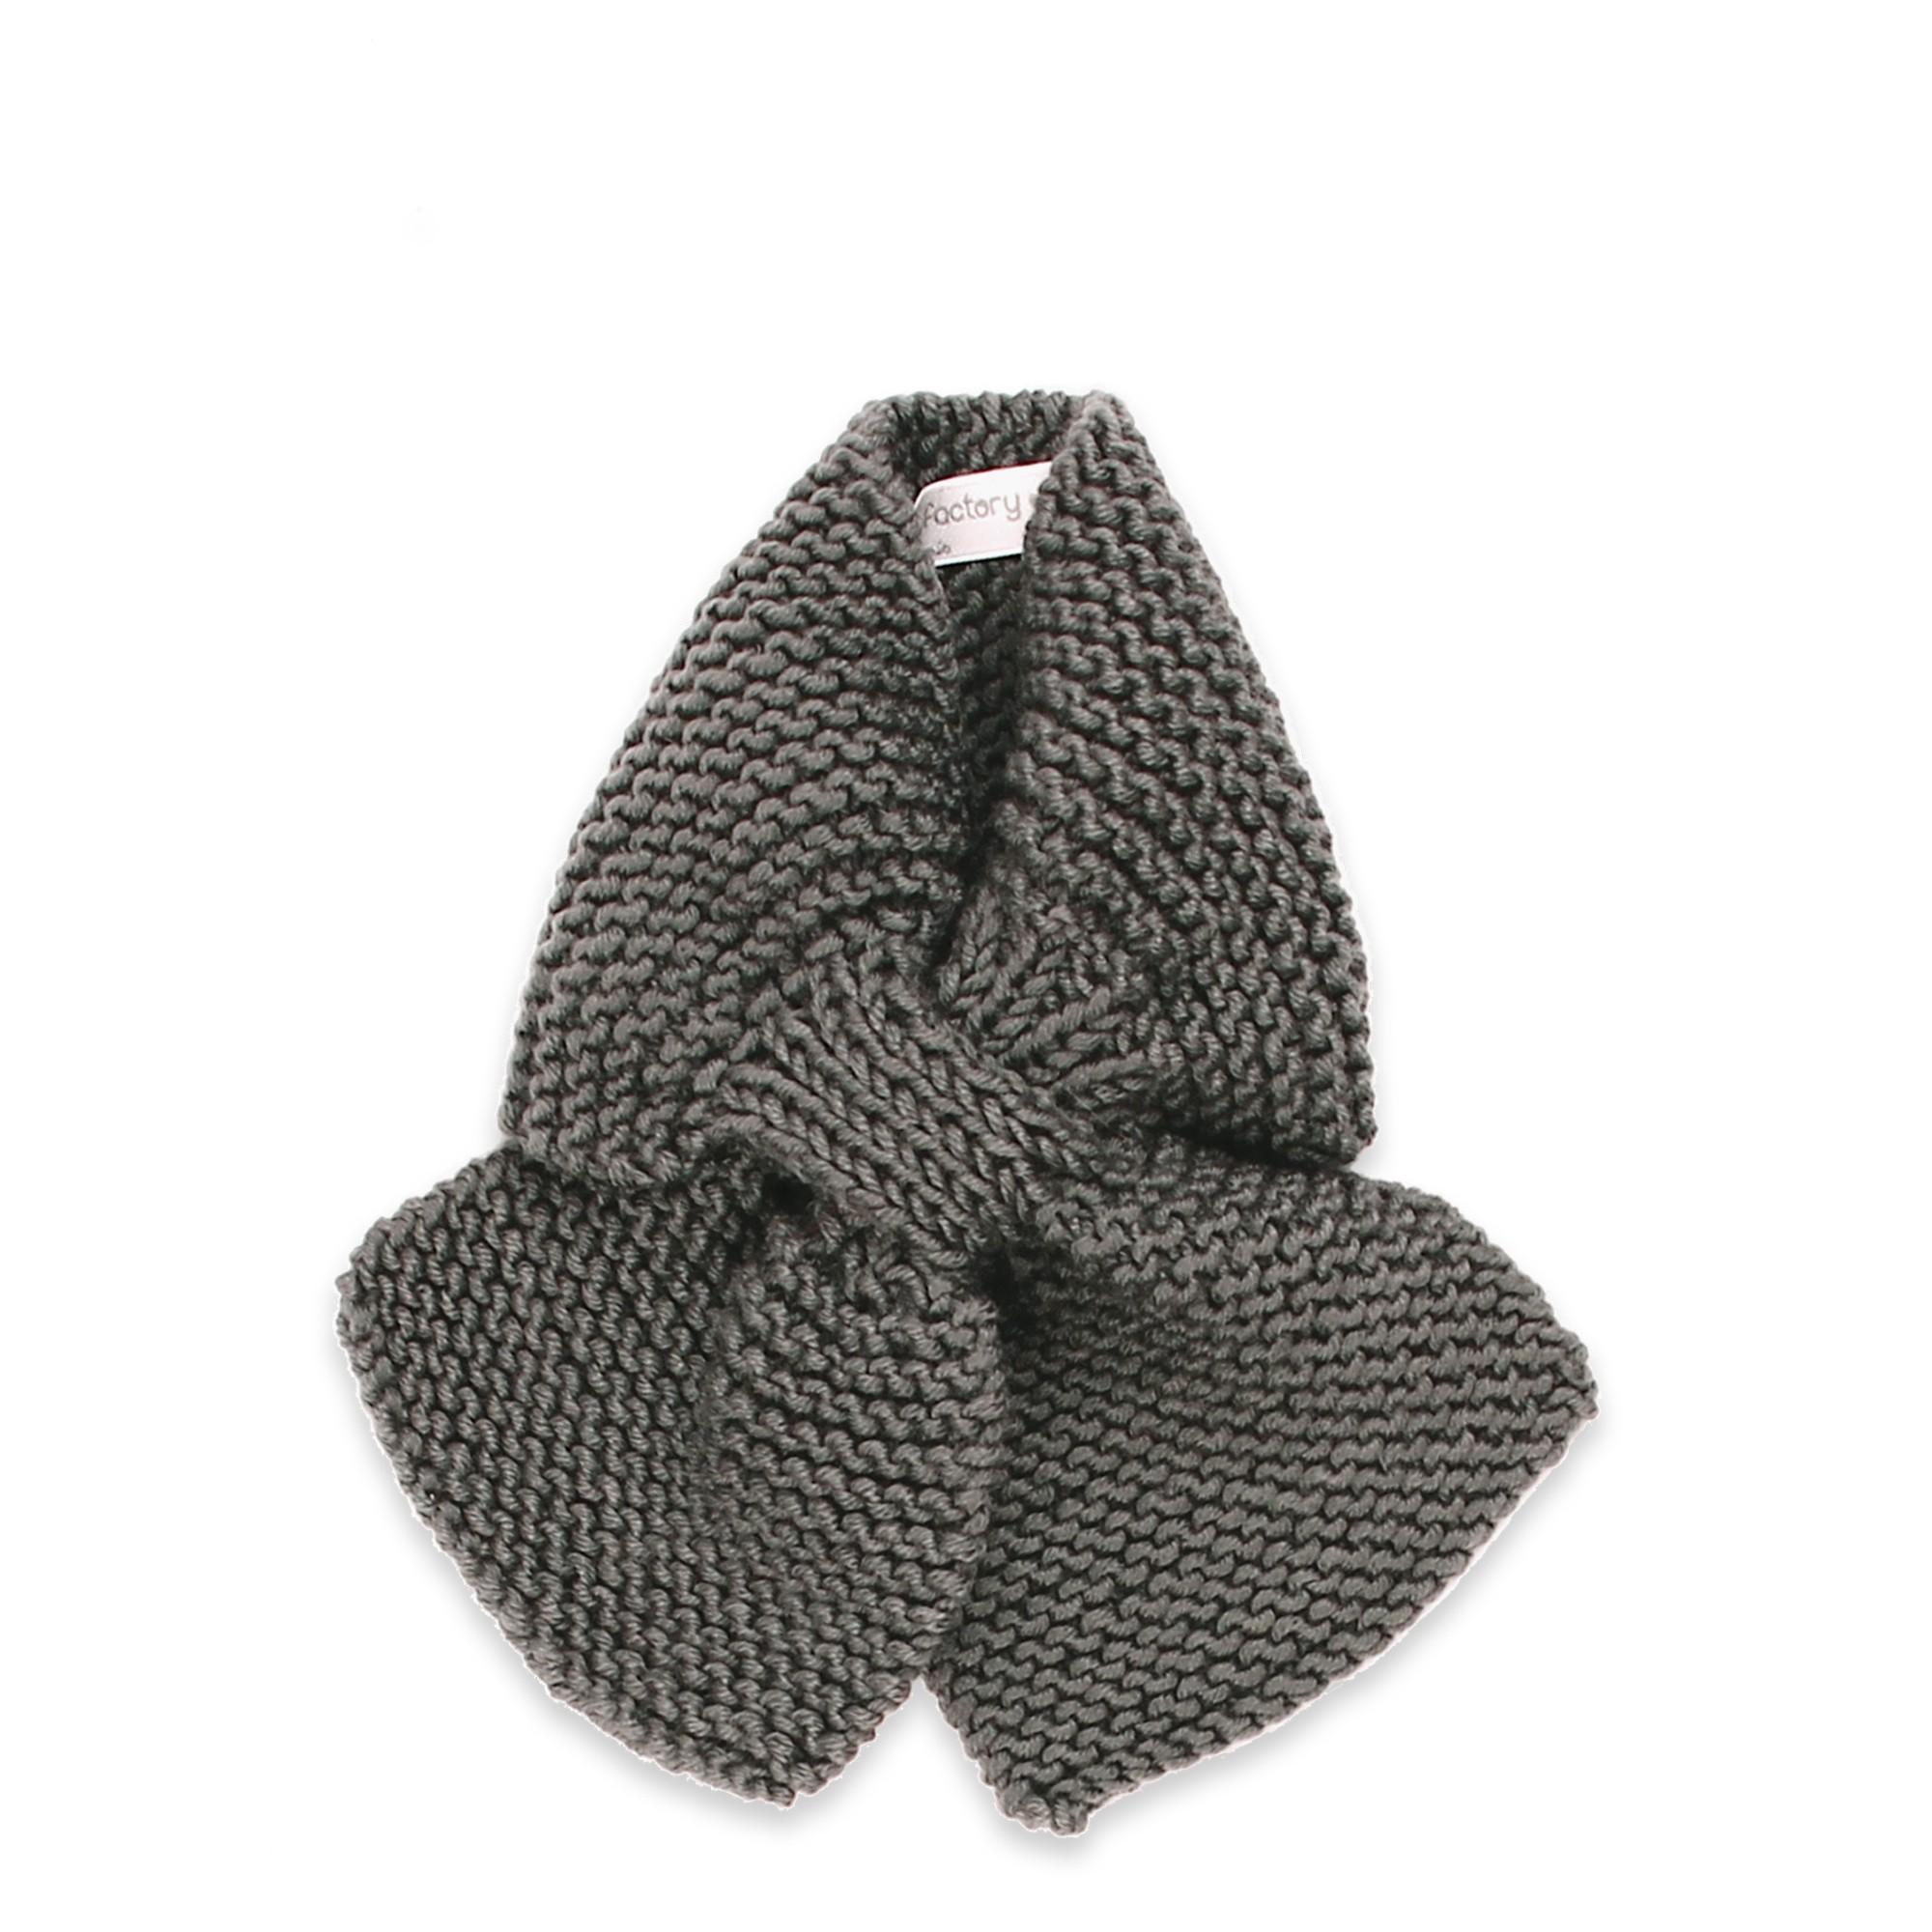 Tricoter echarpe bebe - Tricoter une echarpe en laine ...